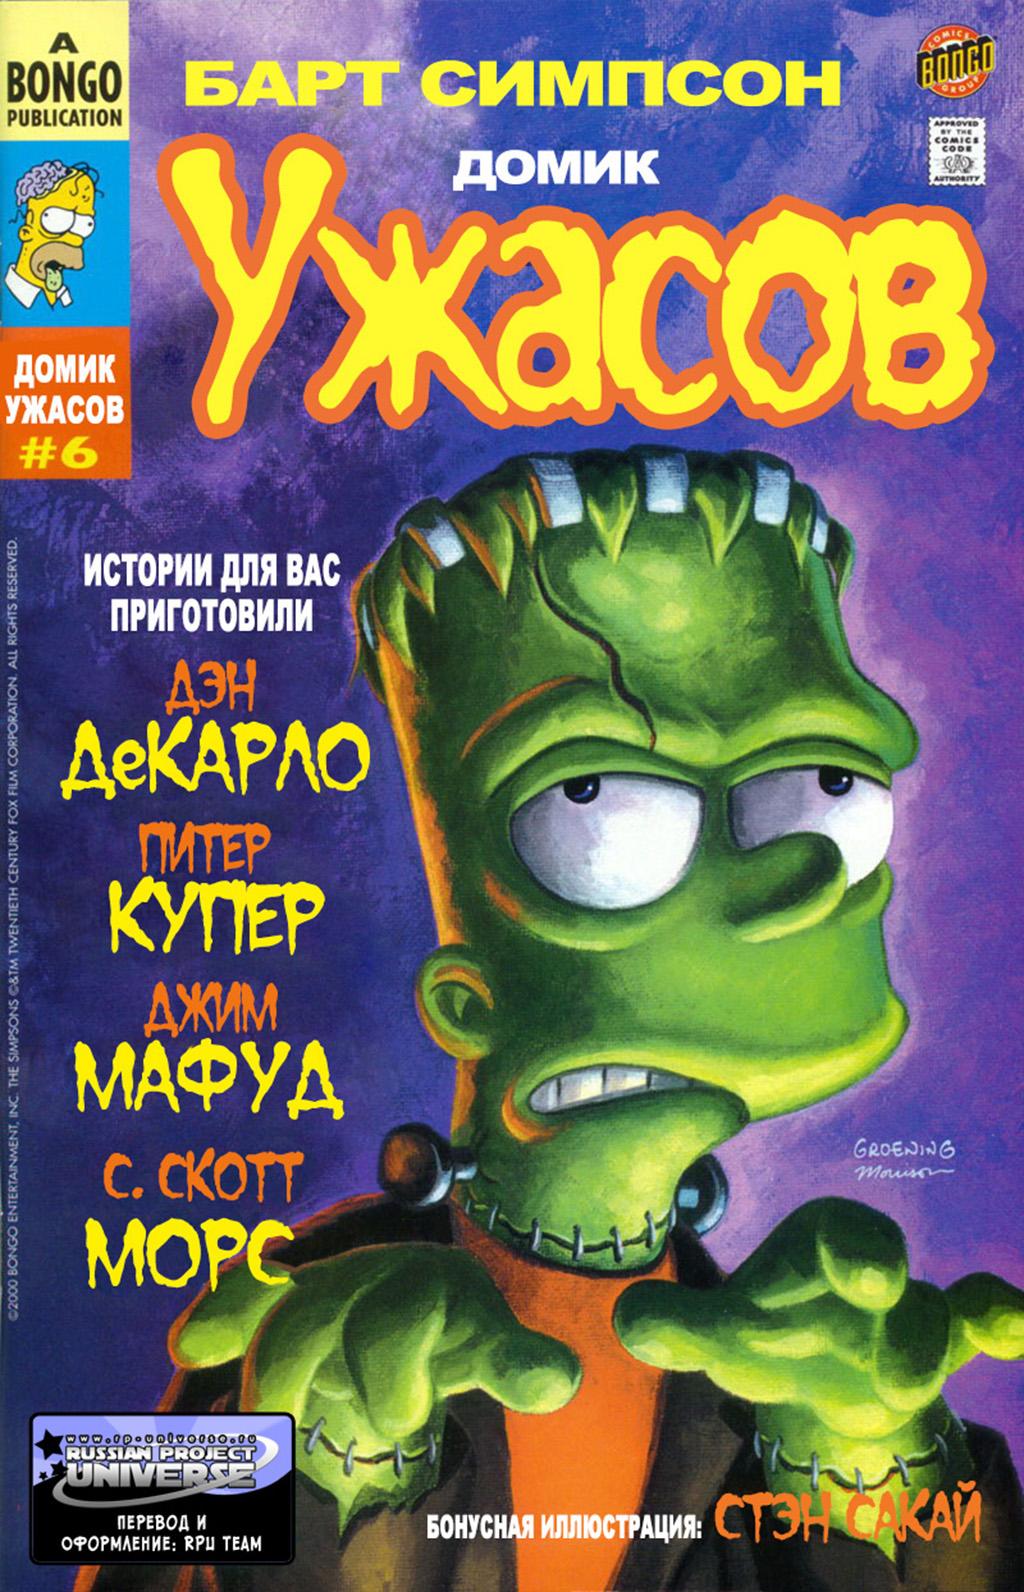 Комикс Домик Ужасов Барта Симпсона